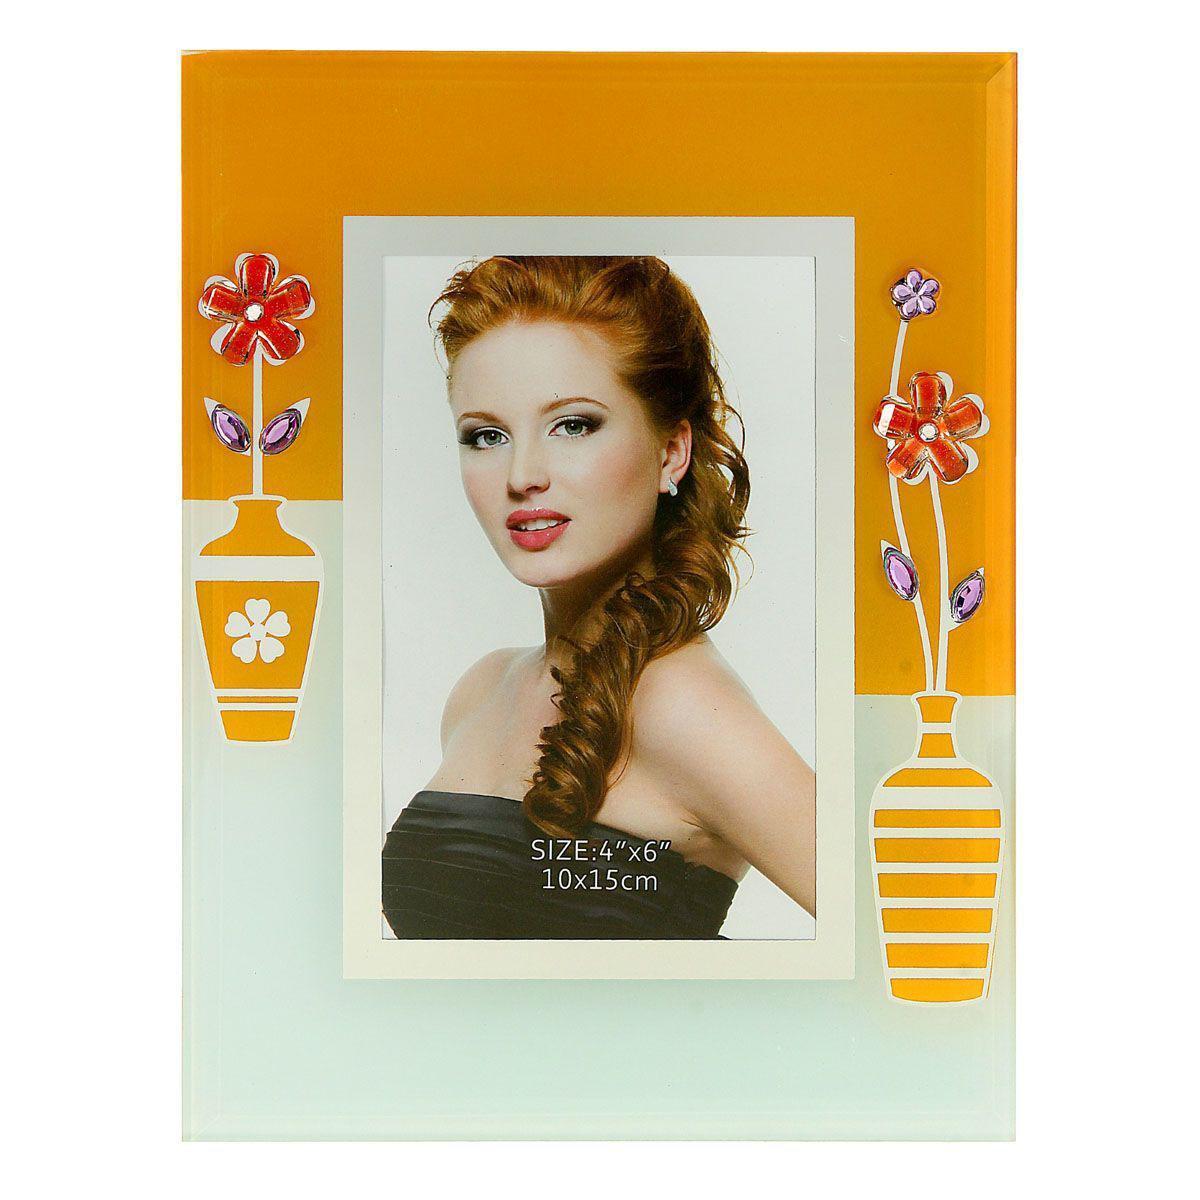 Фоторамка Sima-land Оранжевые вазы с цветами, цвет: оранжевый, белый, 10 см х 15 смБрелок для ключейДекоративная фоторамка Sima-land Оранжевые вазы с цветами выполнена из стекла и декорирована изображениями вазочек с цветами, а также украшена стразами. Обратная сторона рамки оснащена специальной ножкой, благодаря которой ее можно поставить на стол или любое другое место в доме или офисе. Такая фоторамка украсит ваш интерьер оригинальным образом, а также позволит сохранить память о дорогих вам людях и интересных событиях вашей жизни. С ней вы сможете не просто внести в интерьер своего дома элемент оригинальности, но и создать атмосферу загадочности и изысканности.